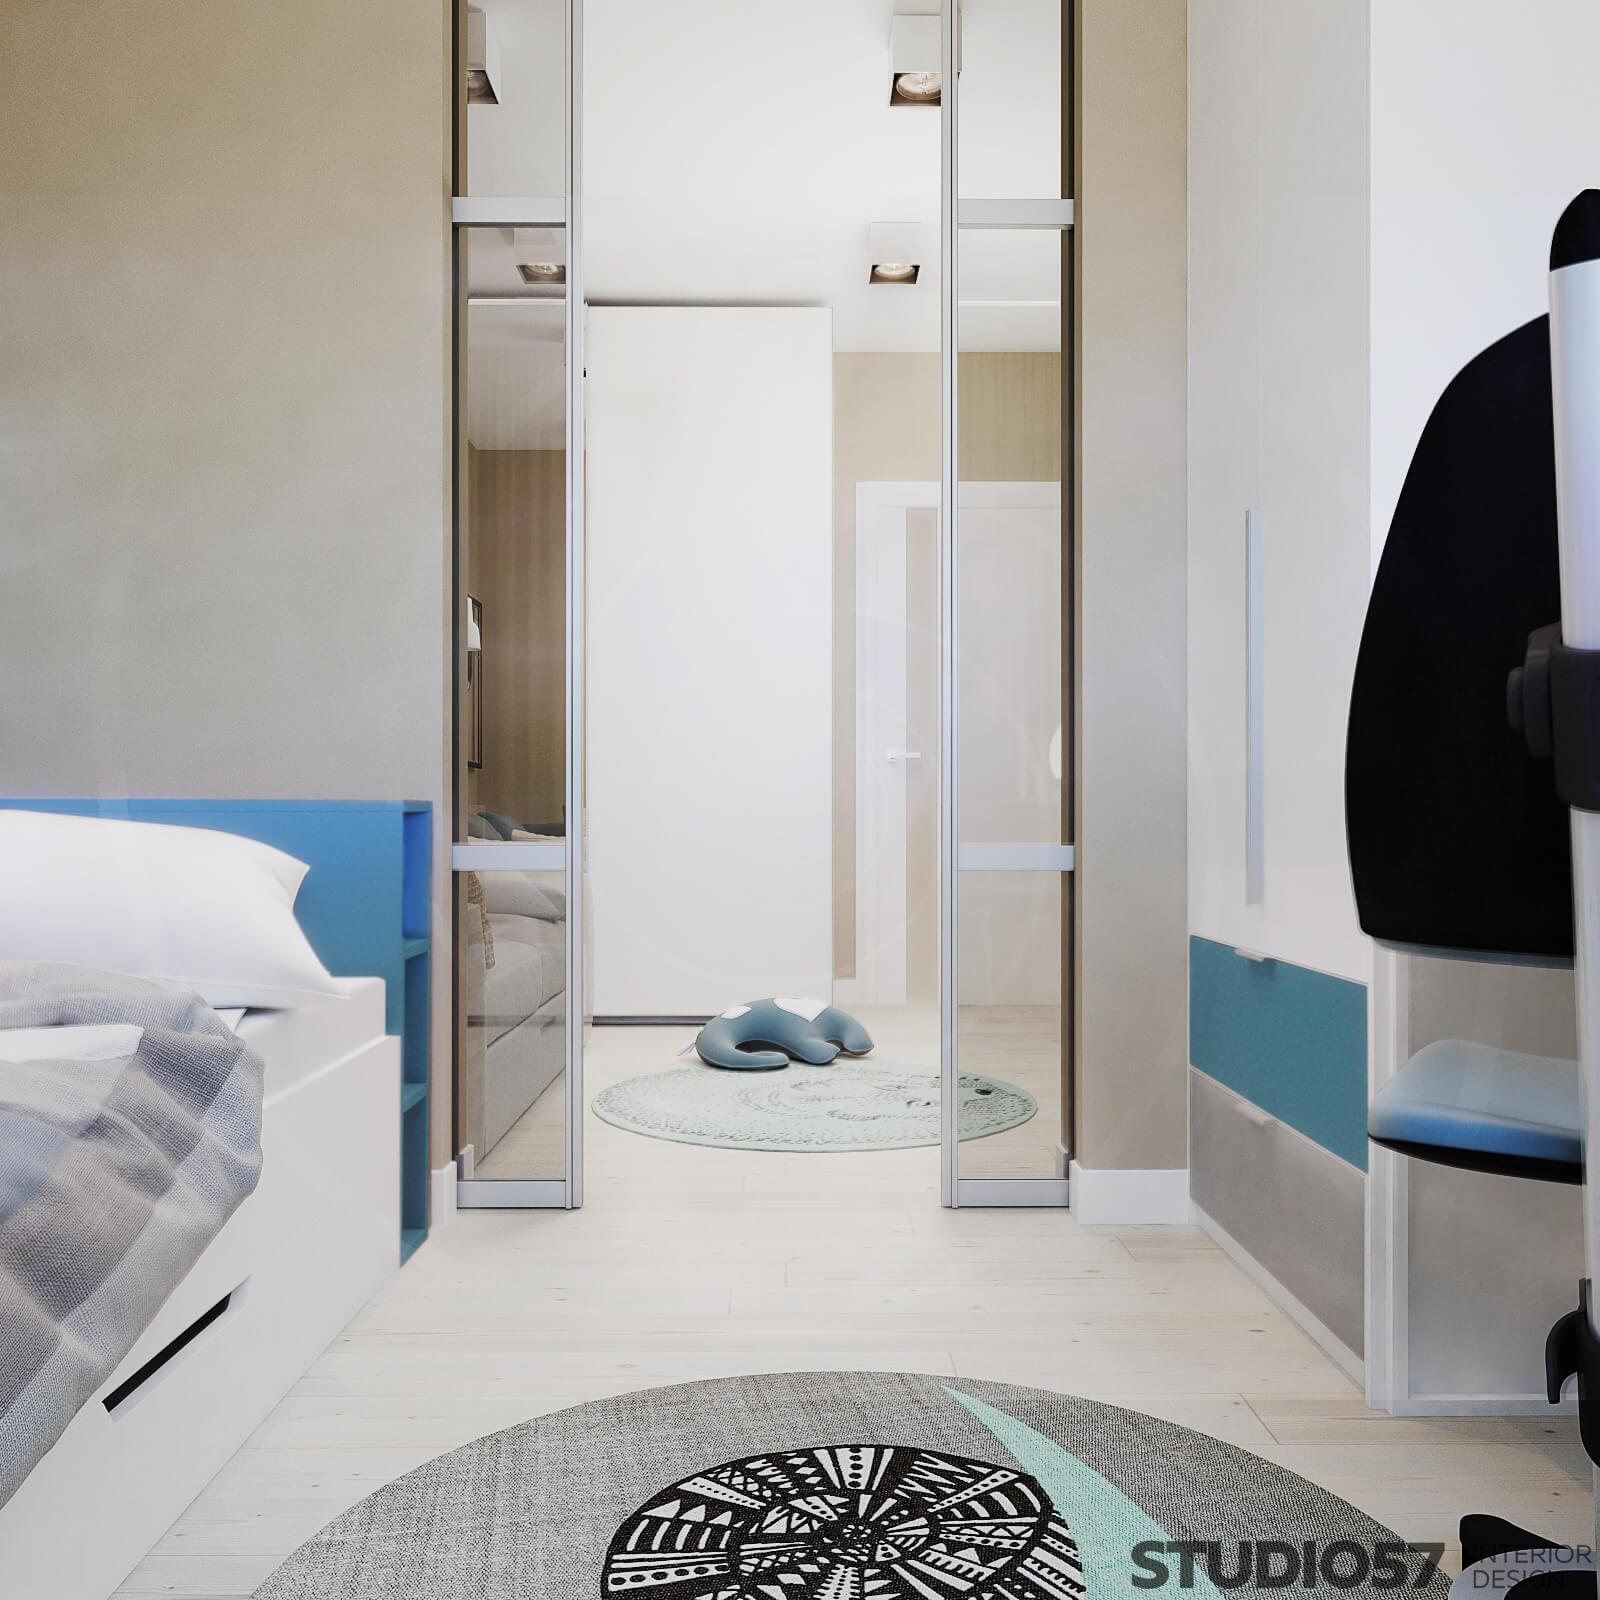 Children's room with sliding doors